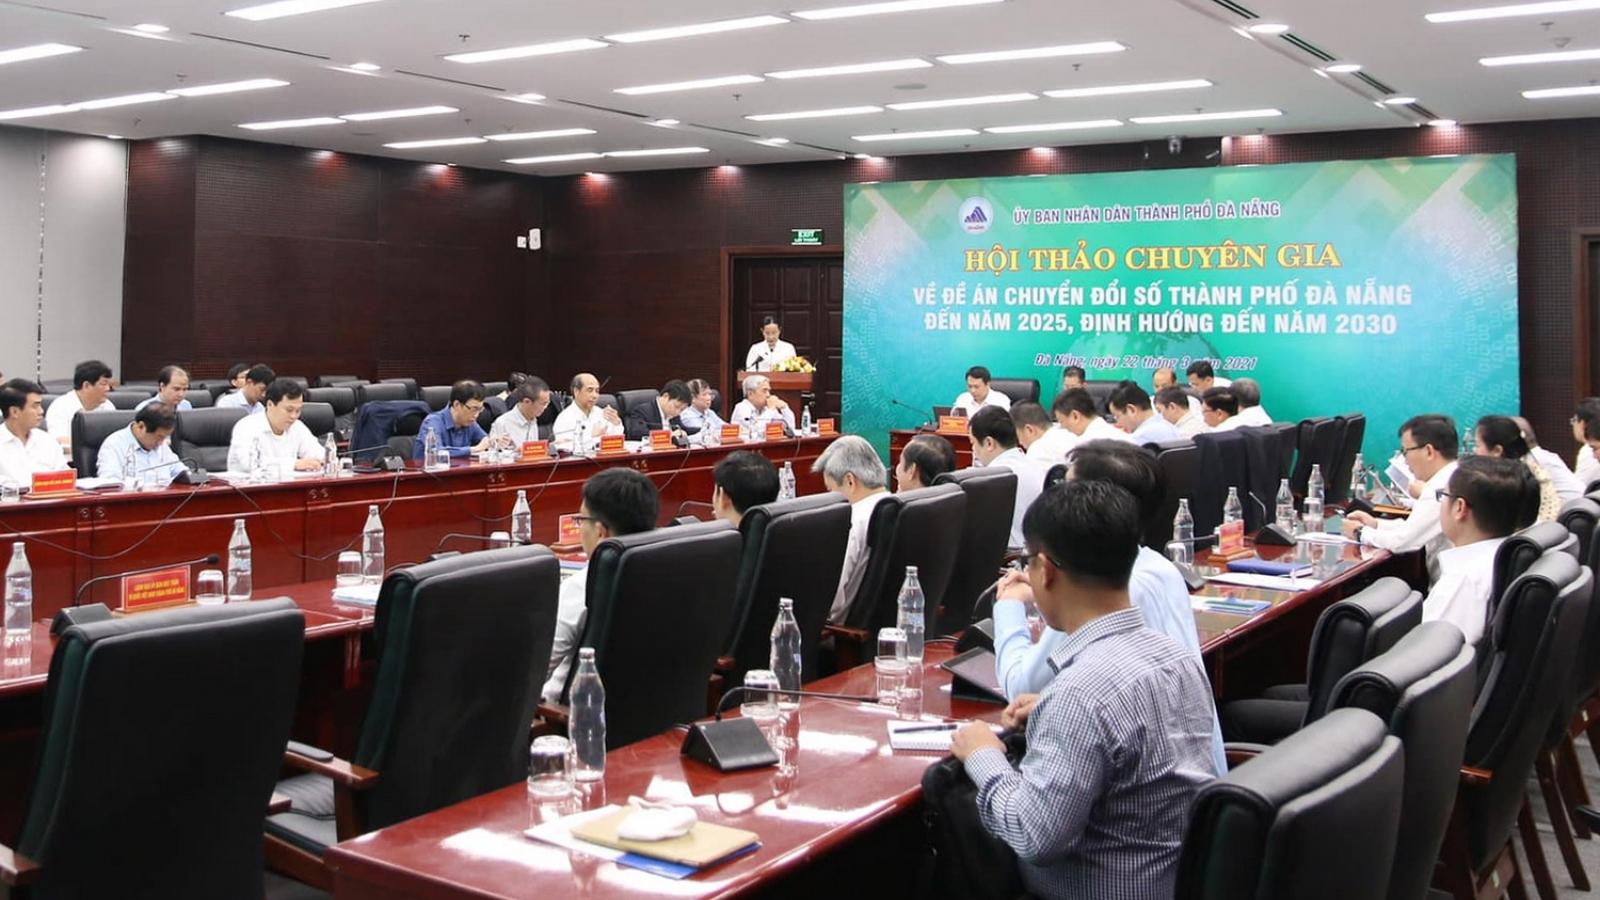 Chuyển đổi số tại Đà Nẵng lấy người dân, doanh nghiệp làm trung tâm.